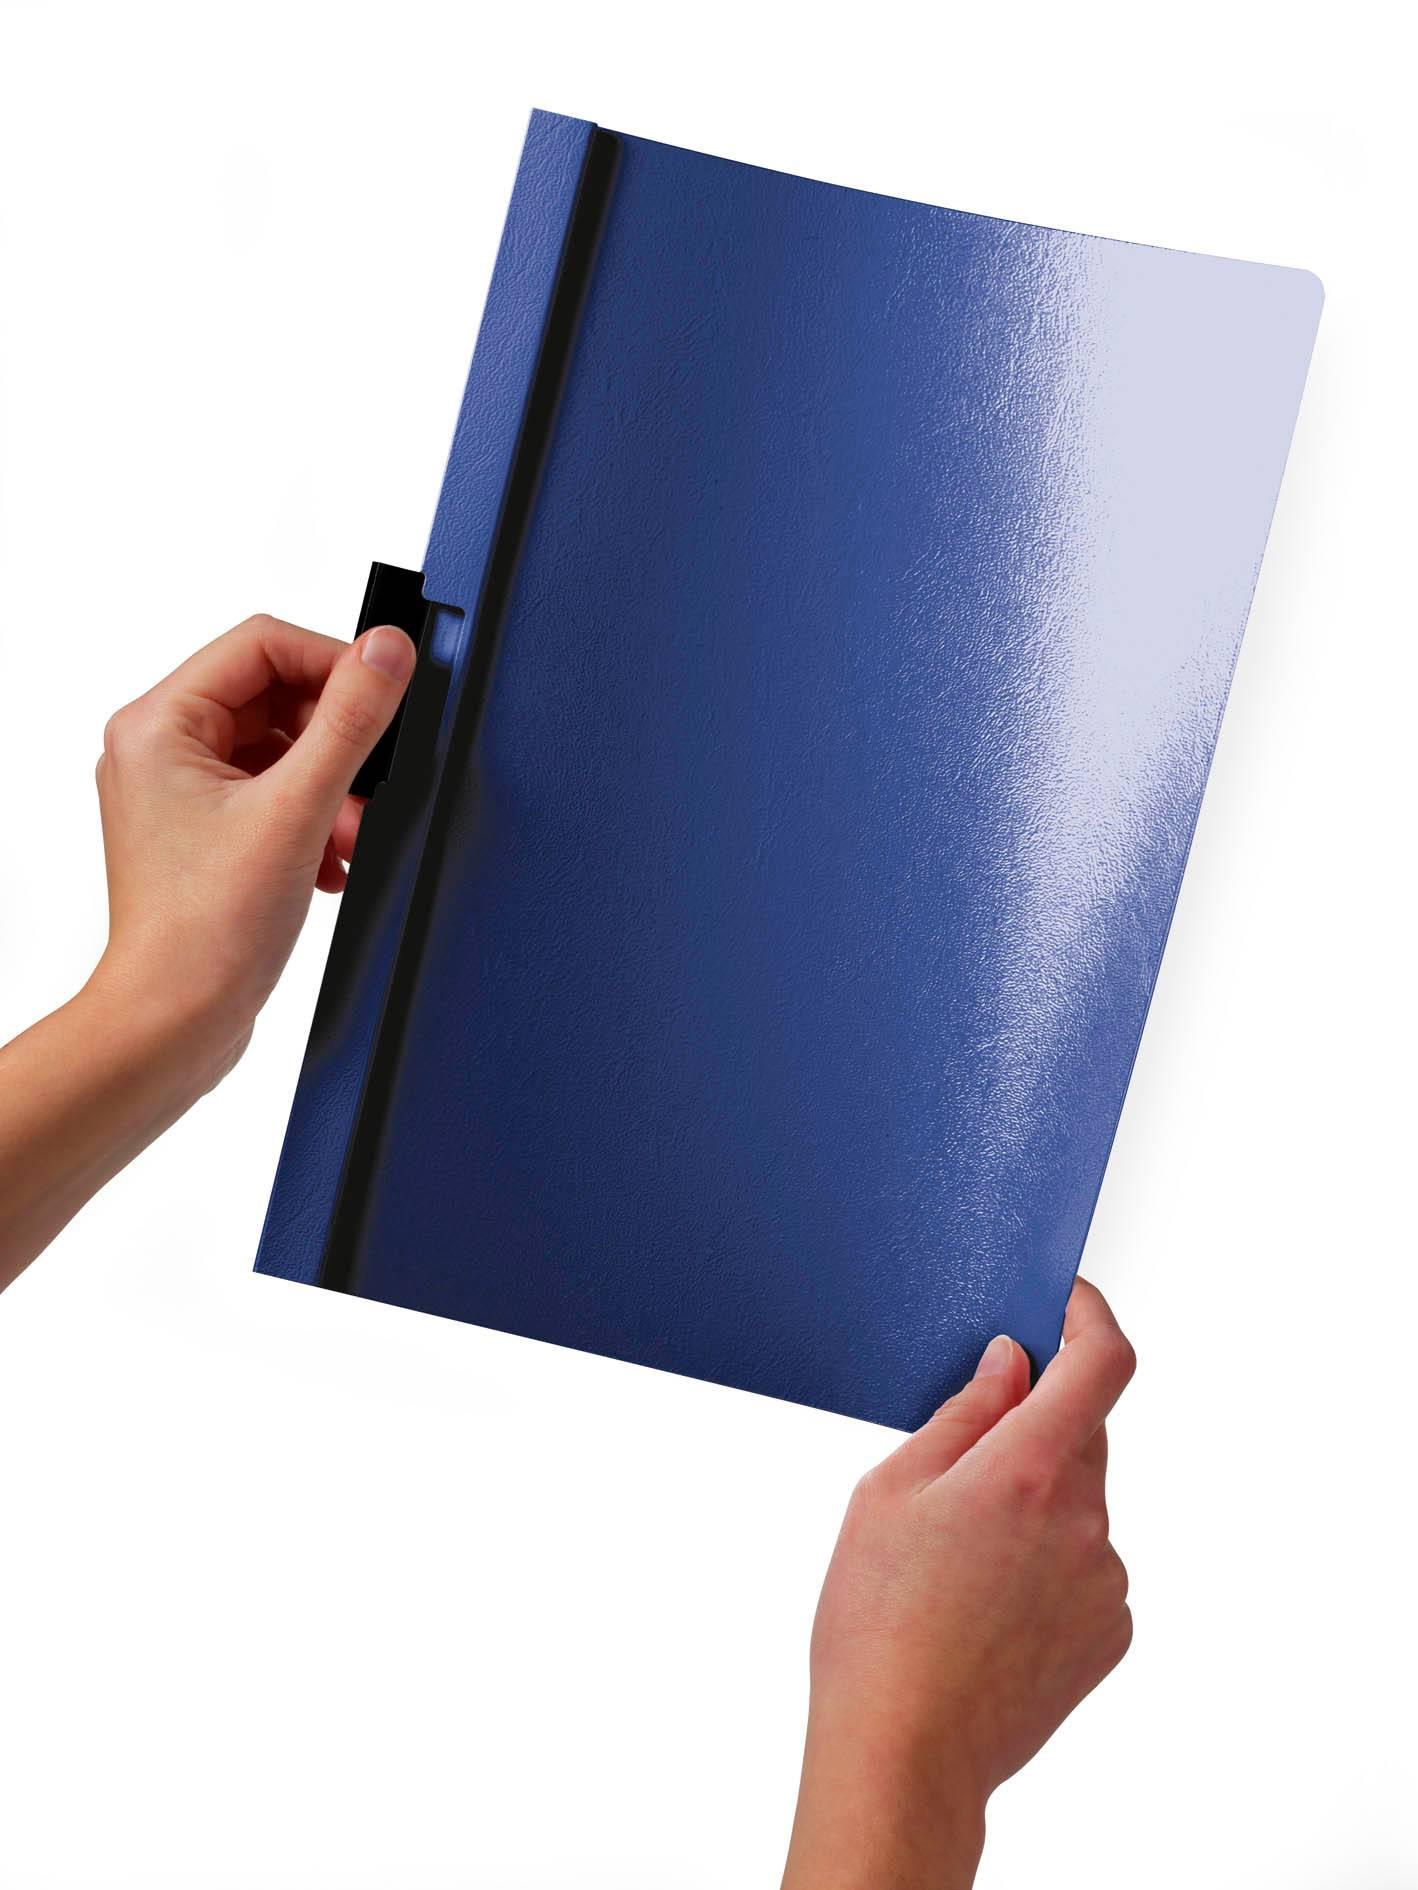 Папка-клип Durable Duraclip 60 с верхним прозрачным листом 1-60 листов желтая - фото 1